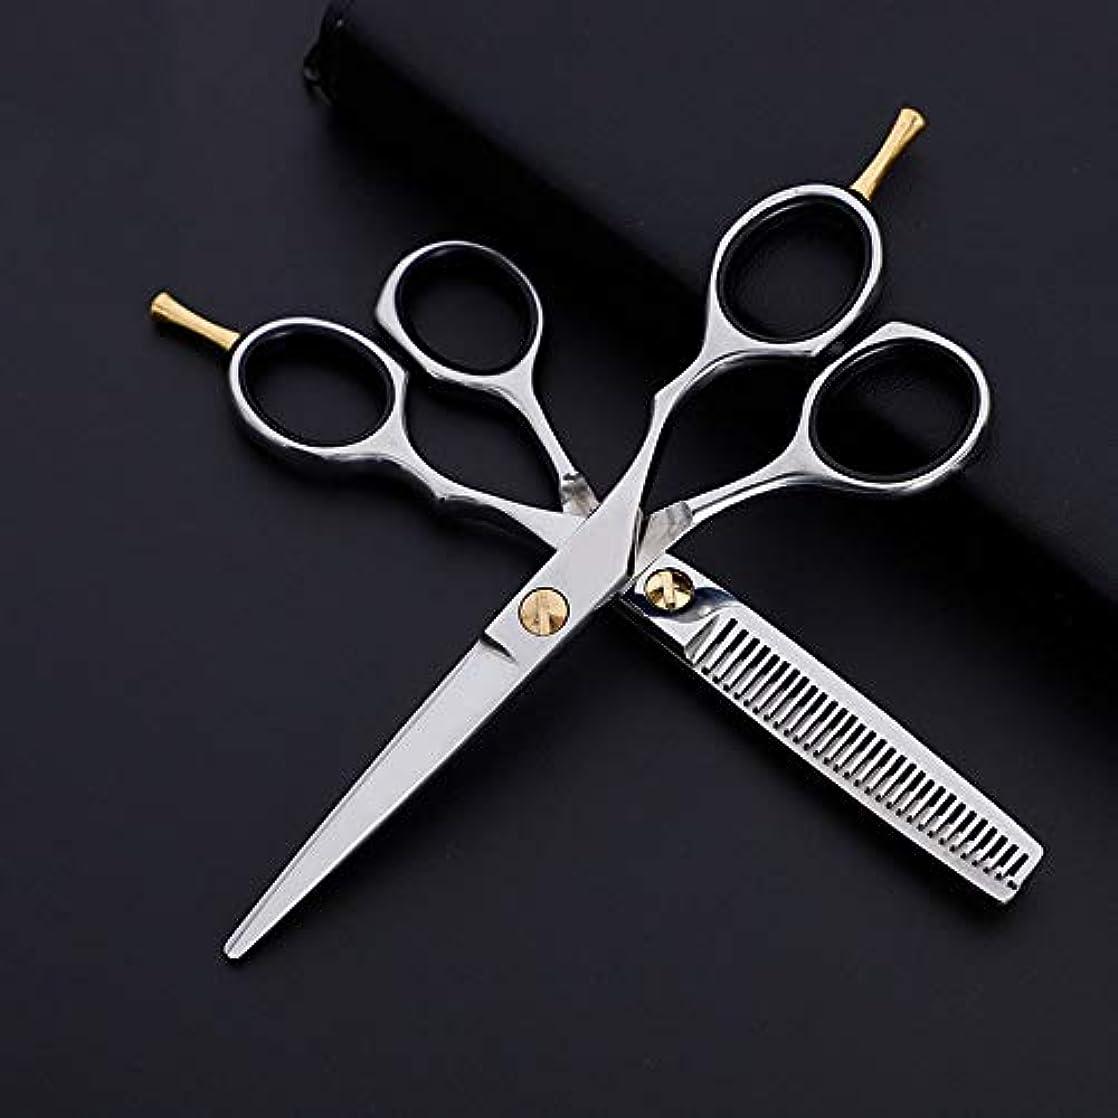 ベアリングめまいが動力学6インチプロフェッショナル理髪セット、フラット+歯はさみクラシック斜めハンドル理髪はさみ モデリングツール (色 : Silver)